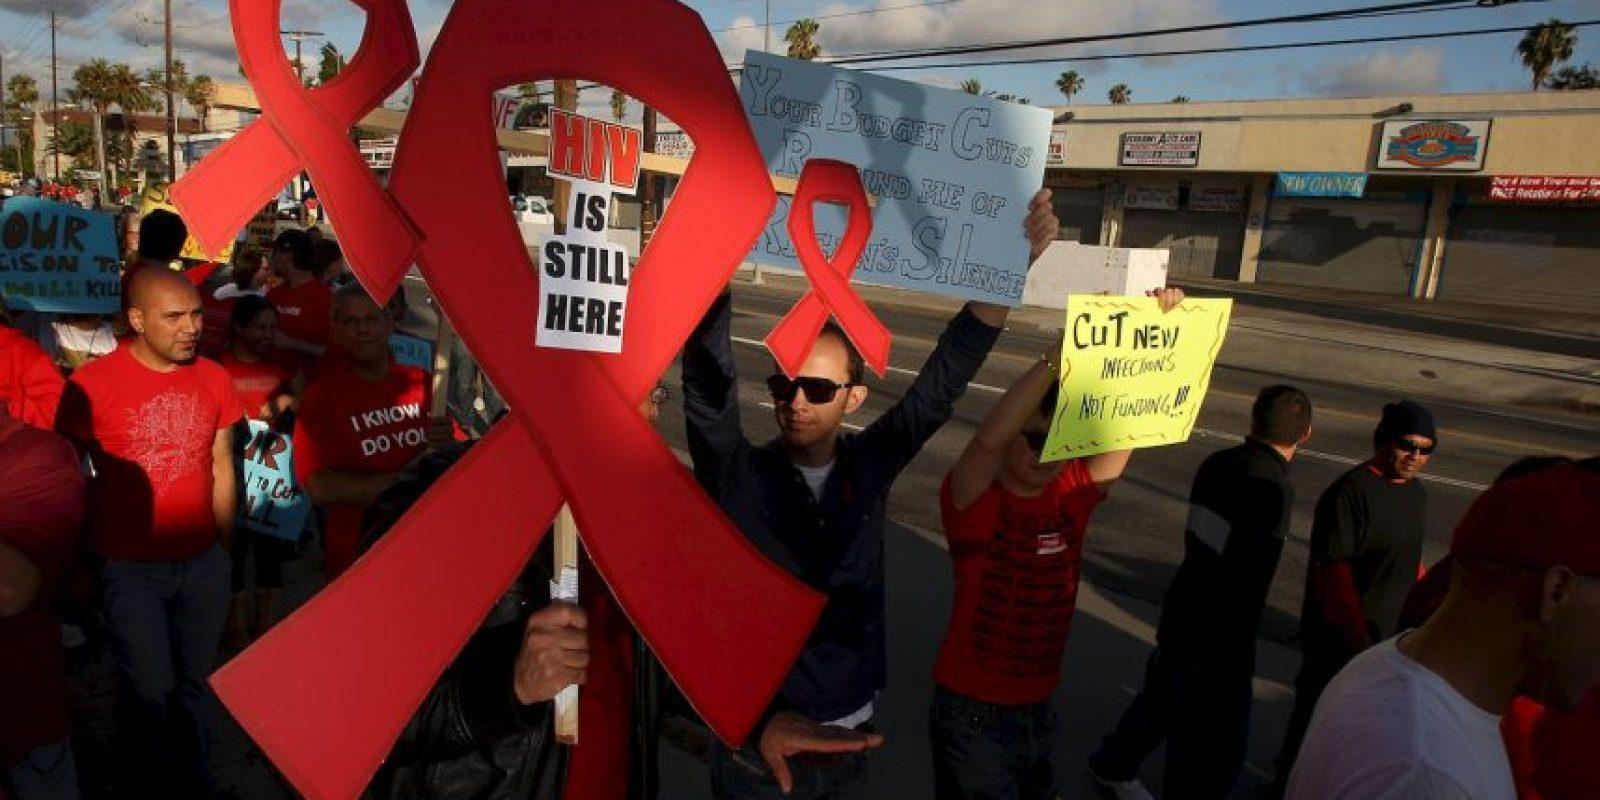 Se calcula que solo el 54% de las personas con VIH conocen su estado Foto:Getty Images